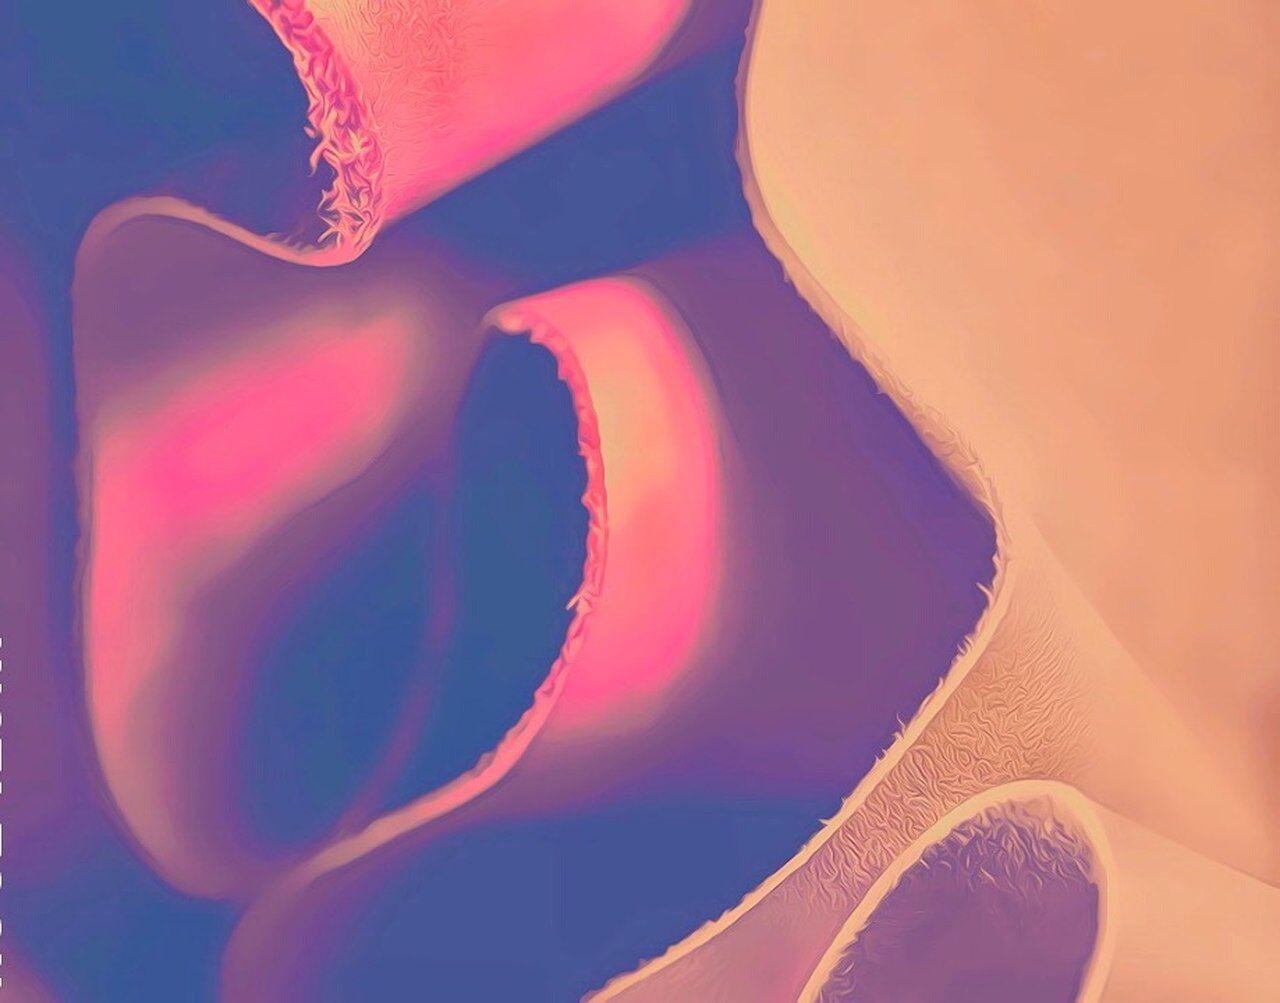 Beize-Lederherstellung